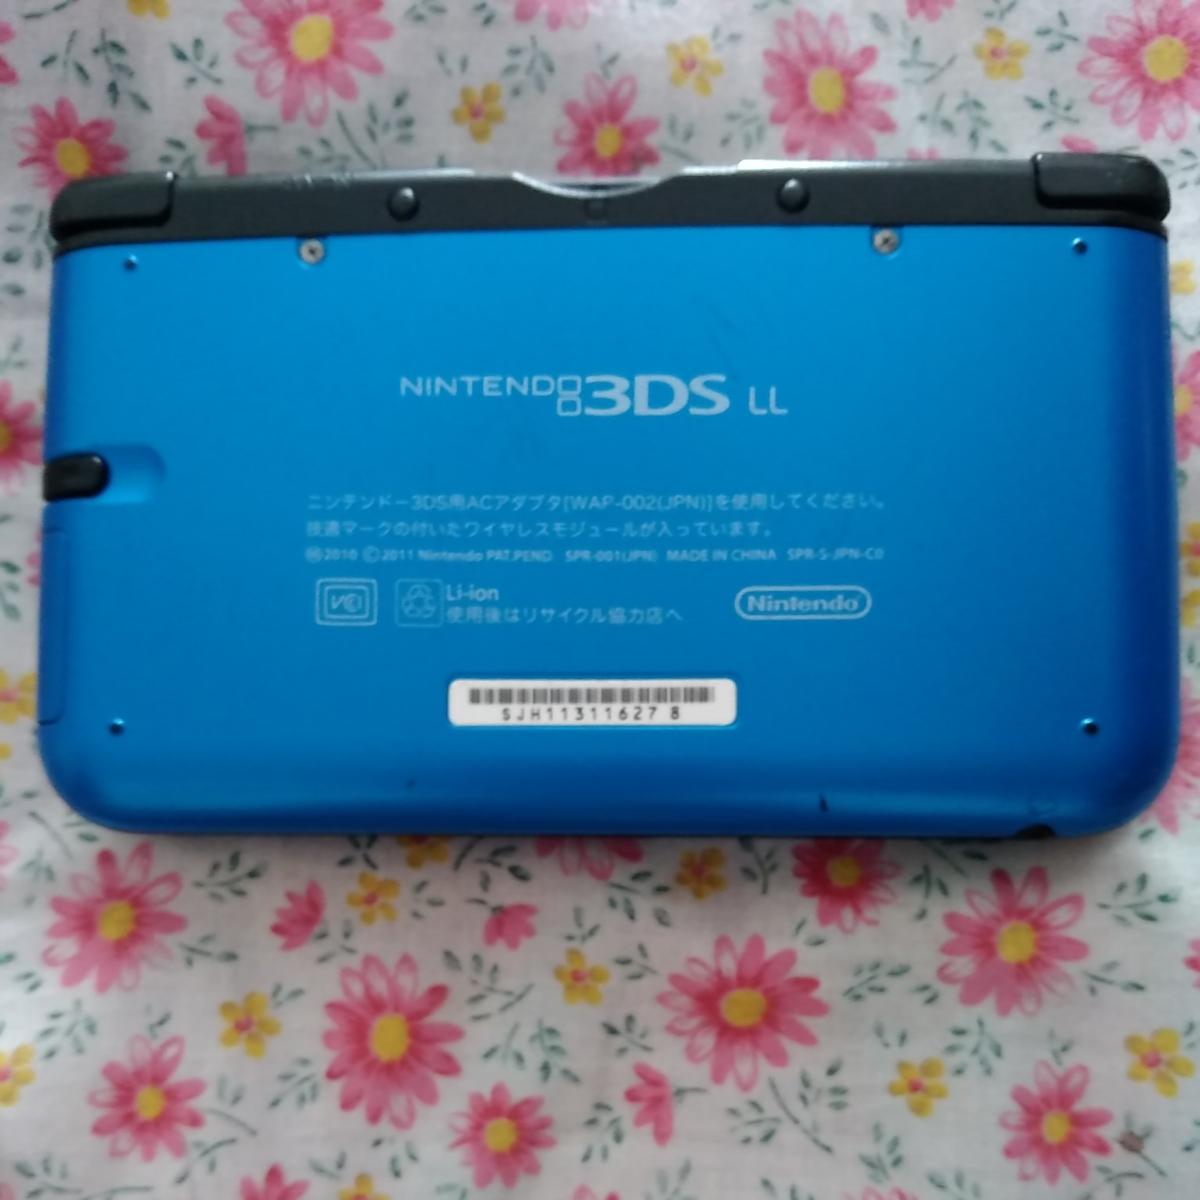 任天堂 3DSLL 本体 アダプター付き ブルー_画像5